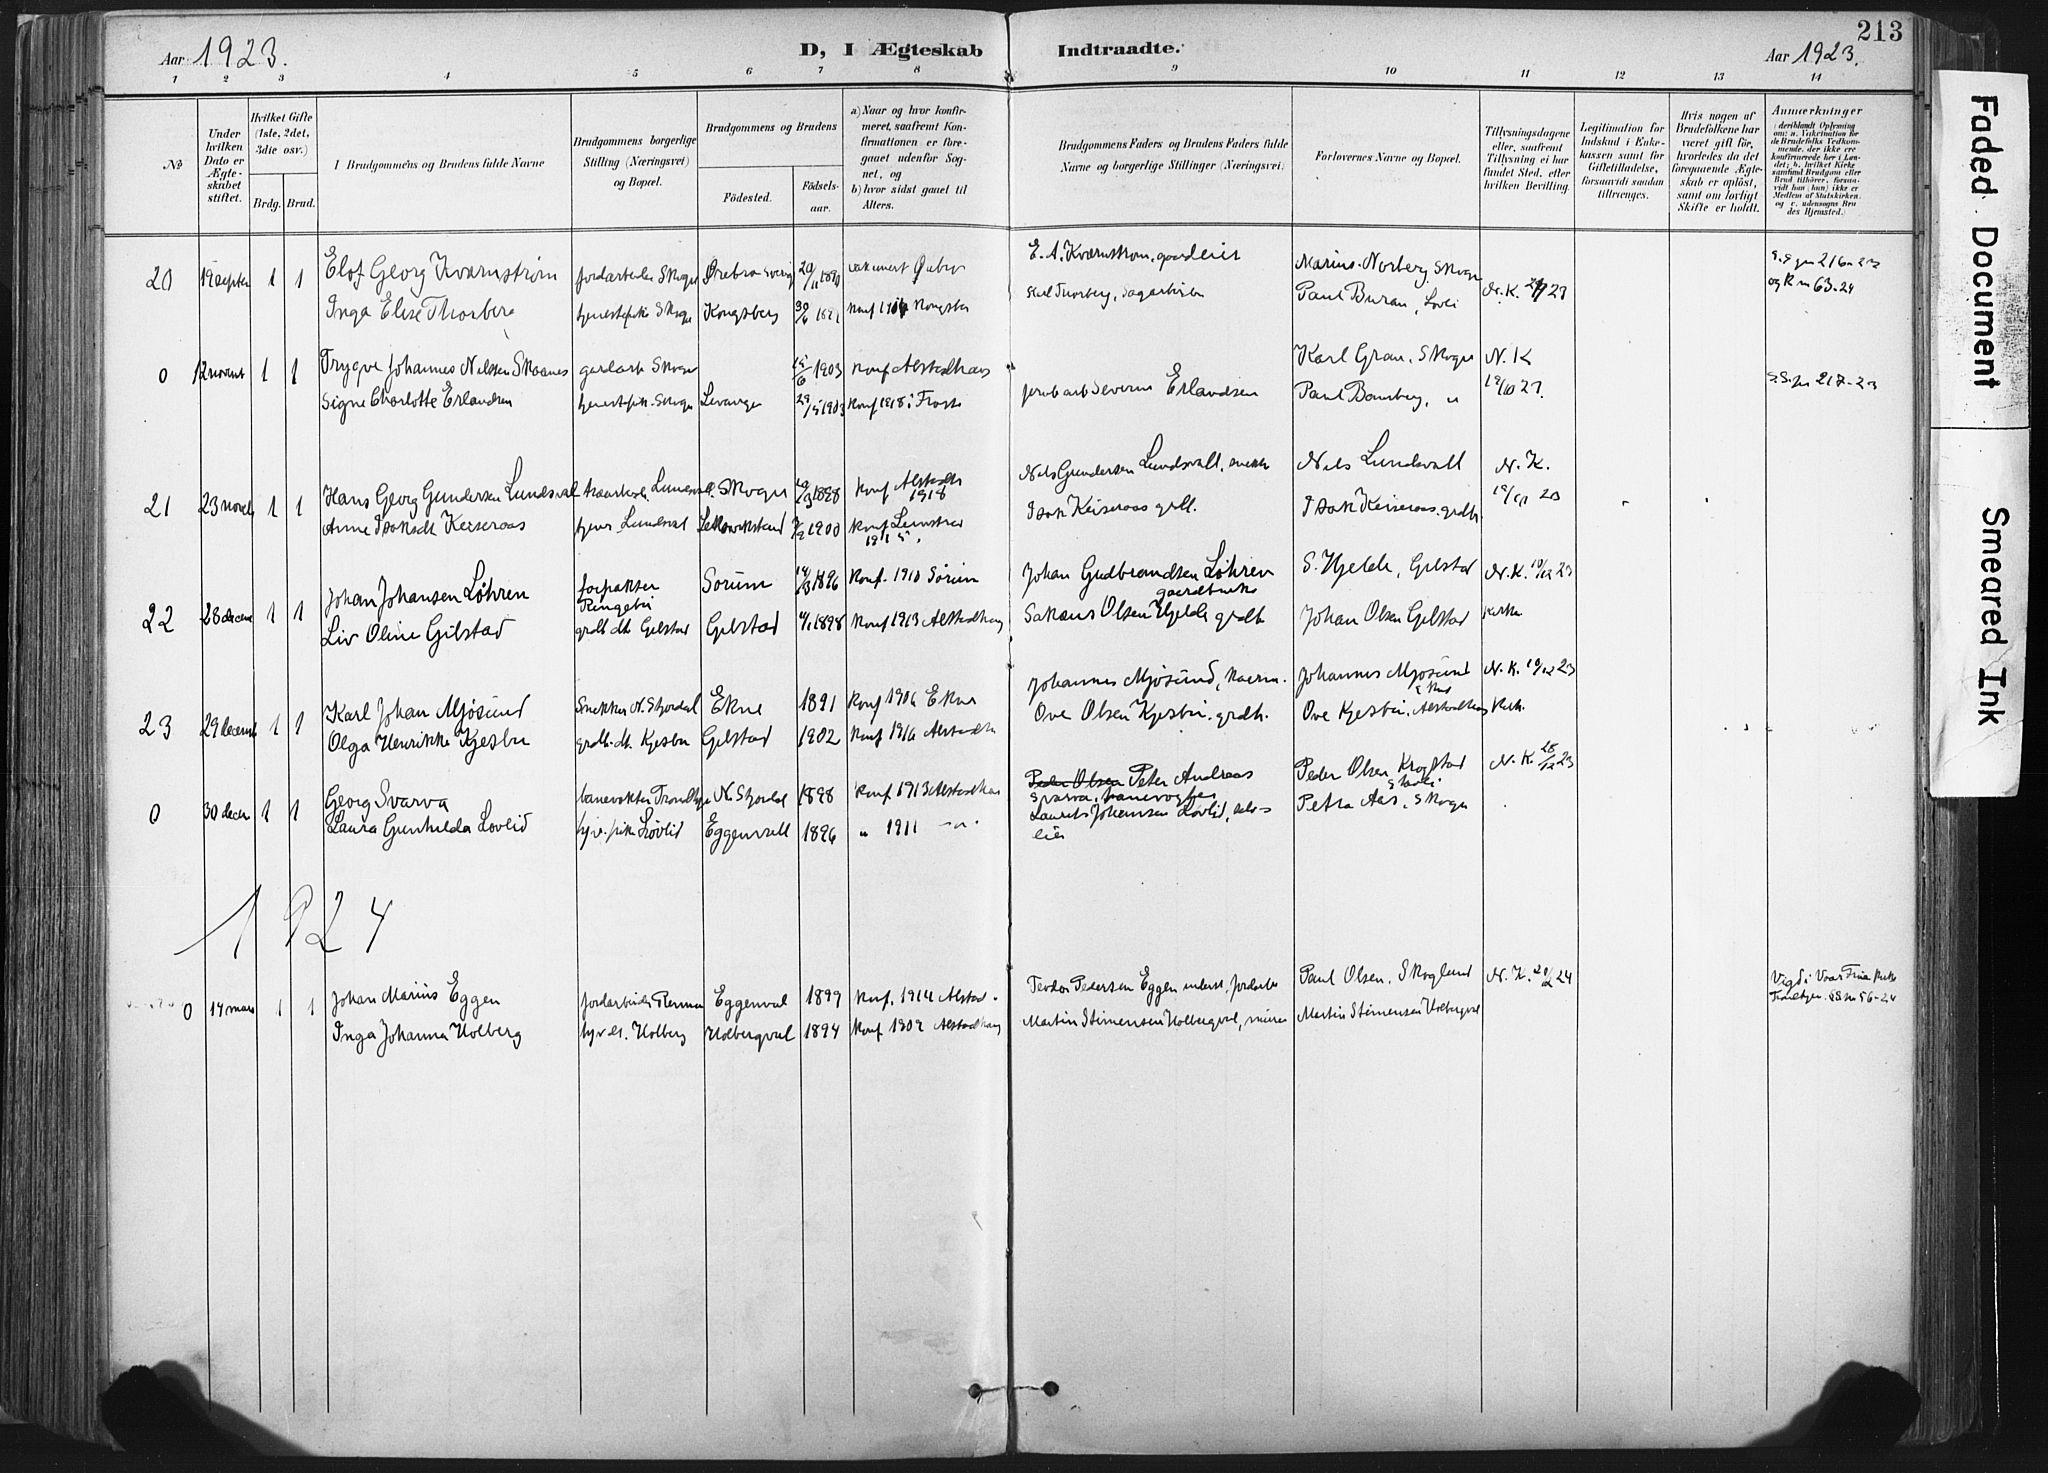 SAT, Ministerialprotokoller, klokkerbøker og fødselsregistre - Nord-Trøndelag, 717/L0162: Ministerialbok nr. 717A12, 1898-1923, s. 213